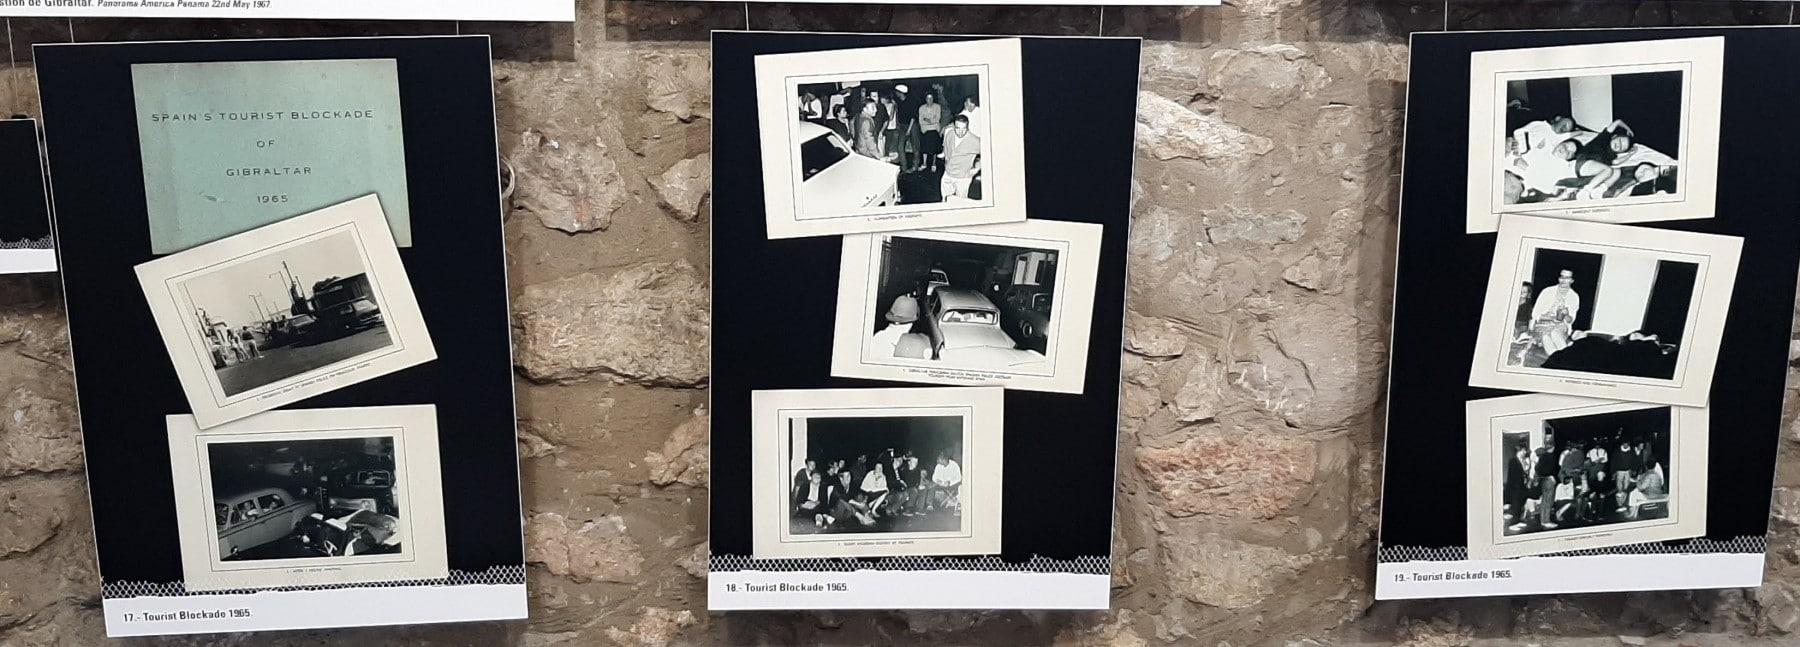 En-1965-se-editaron-fotografias-del-bloqueo-en-la-frontera-por-parte-de-las-autoridades-espanolas-a-turistas-que-intentaban-visitar-Gib